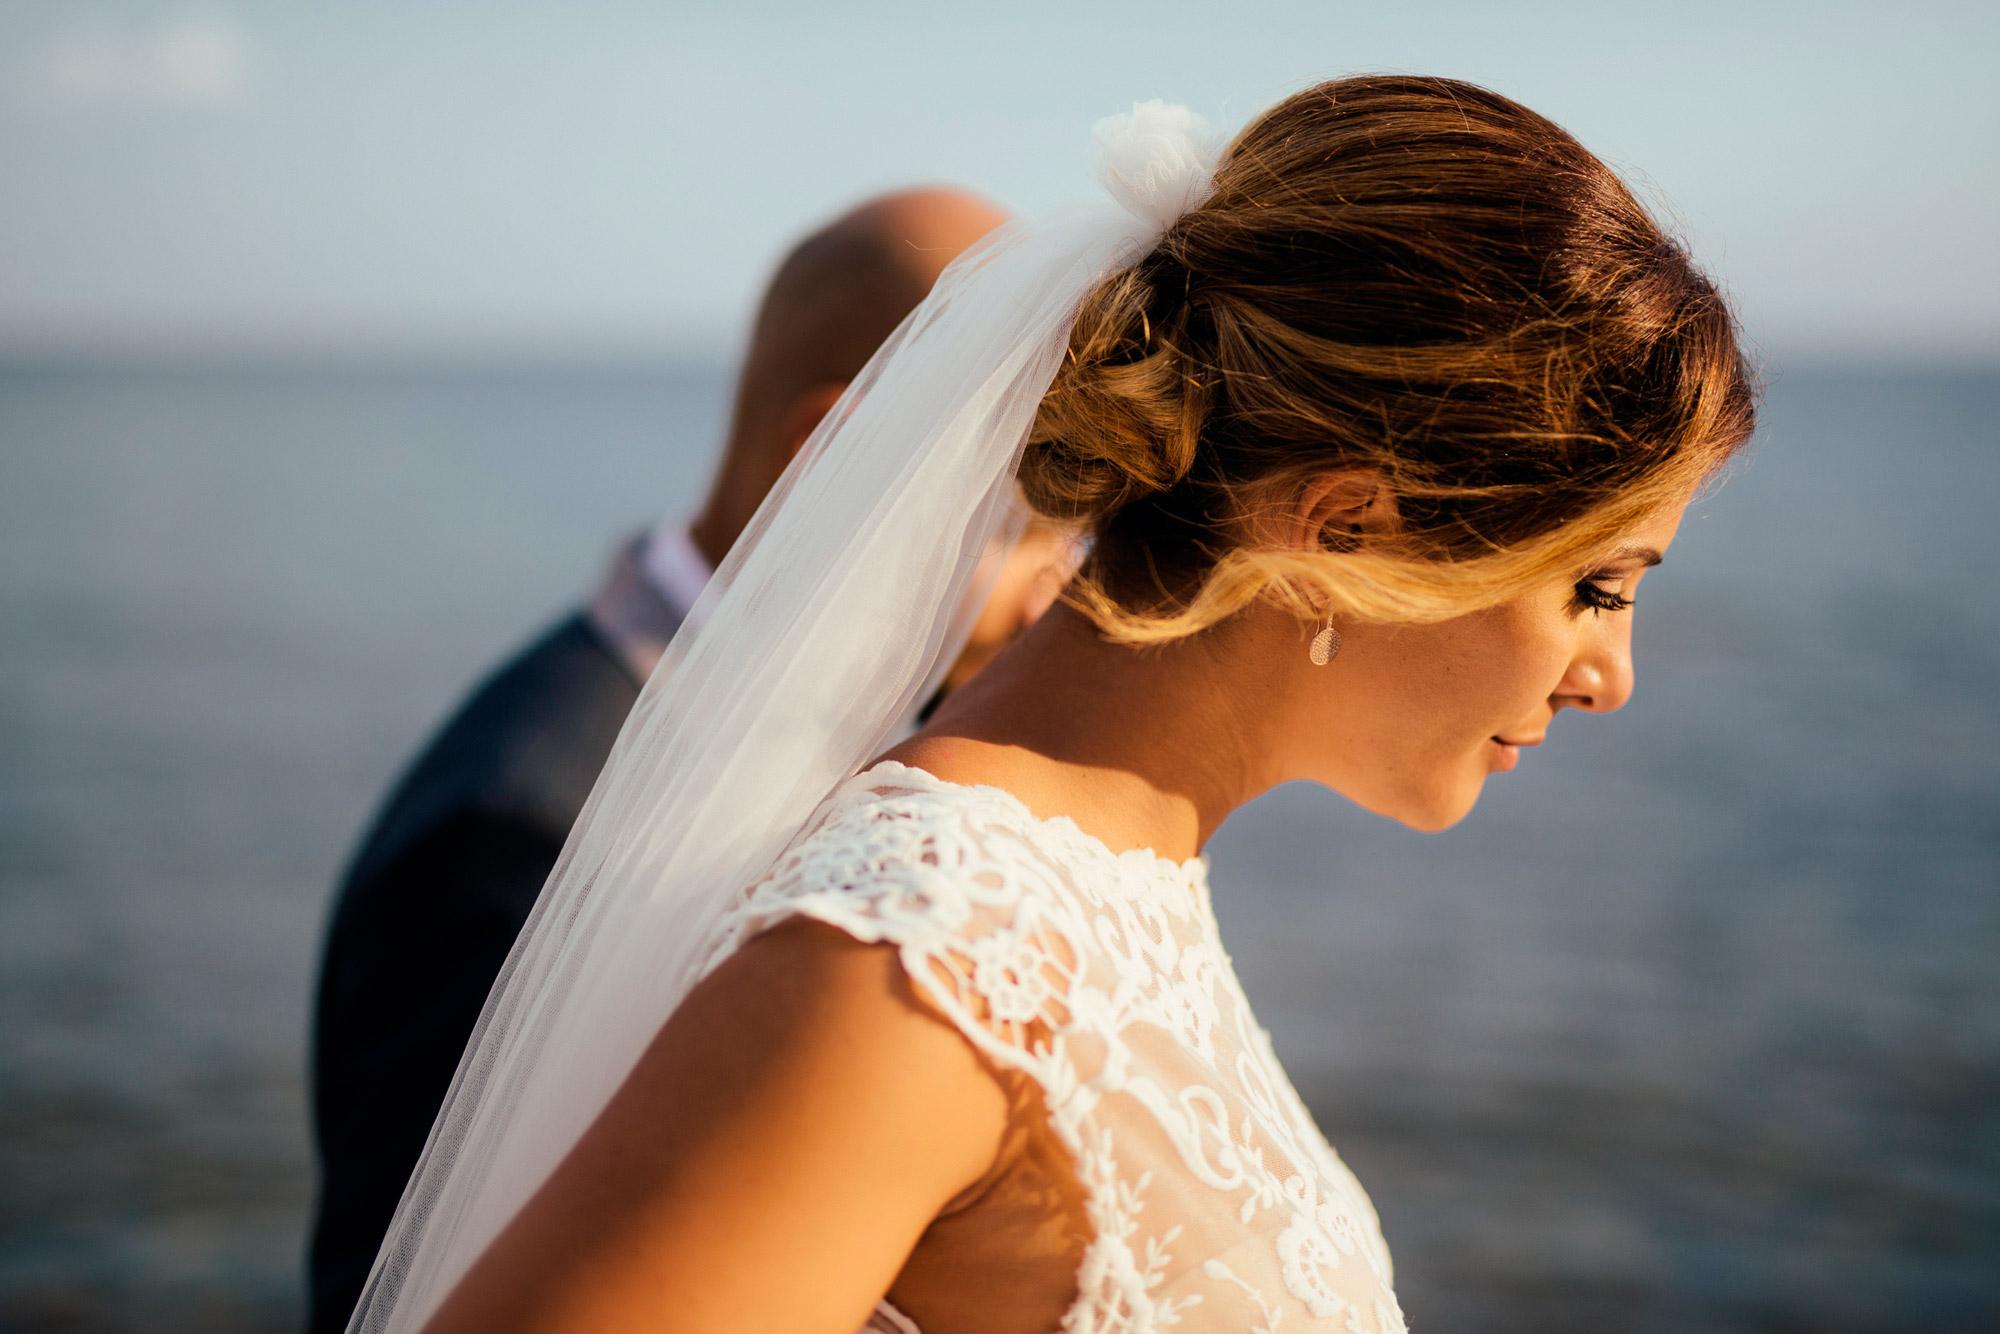 078-santamarinella-wedding-castello-odescalchi.jpg